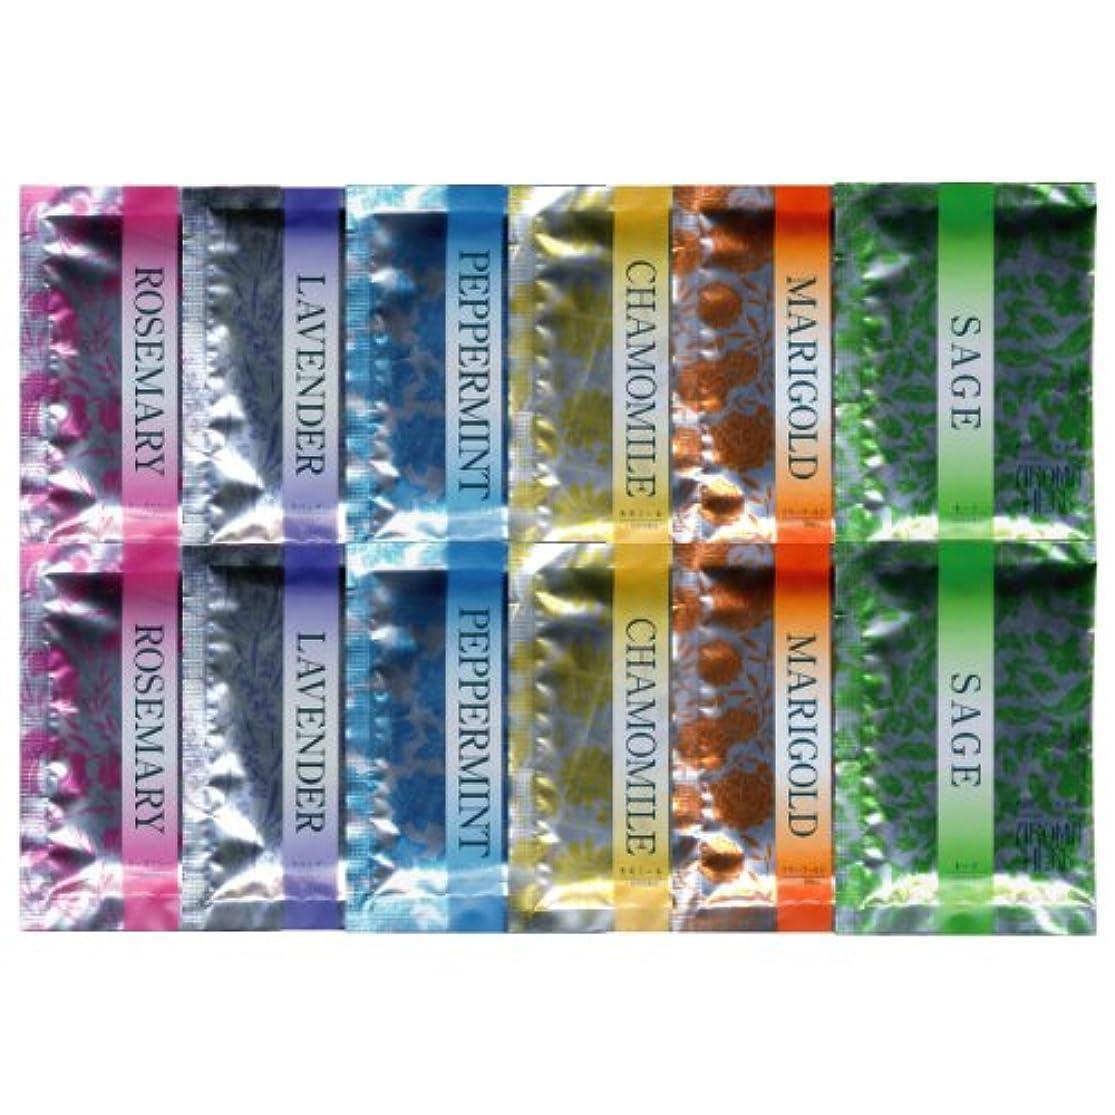 疑わしいトラフィックシニスアロマハーブ 香りの物語 6種類×2 12包